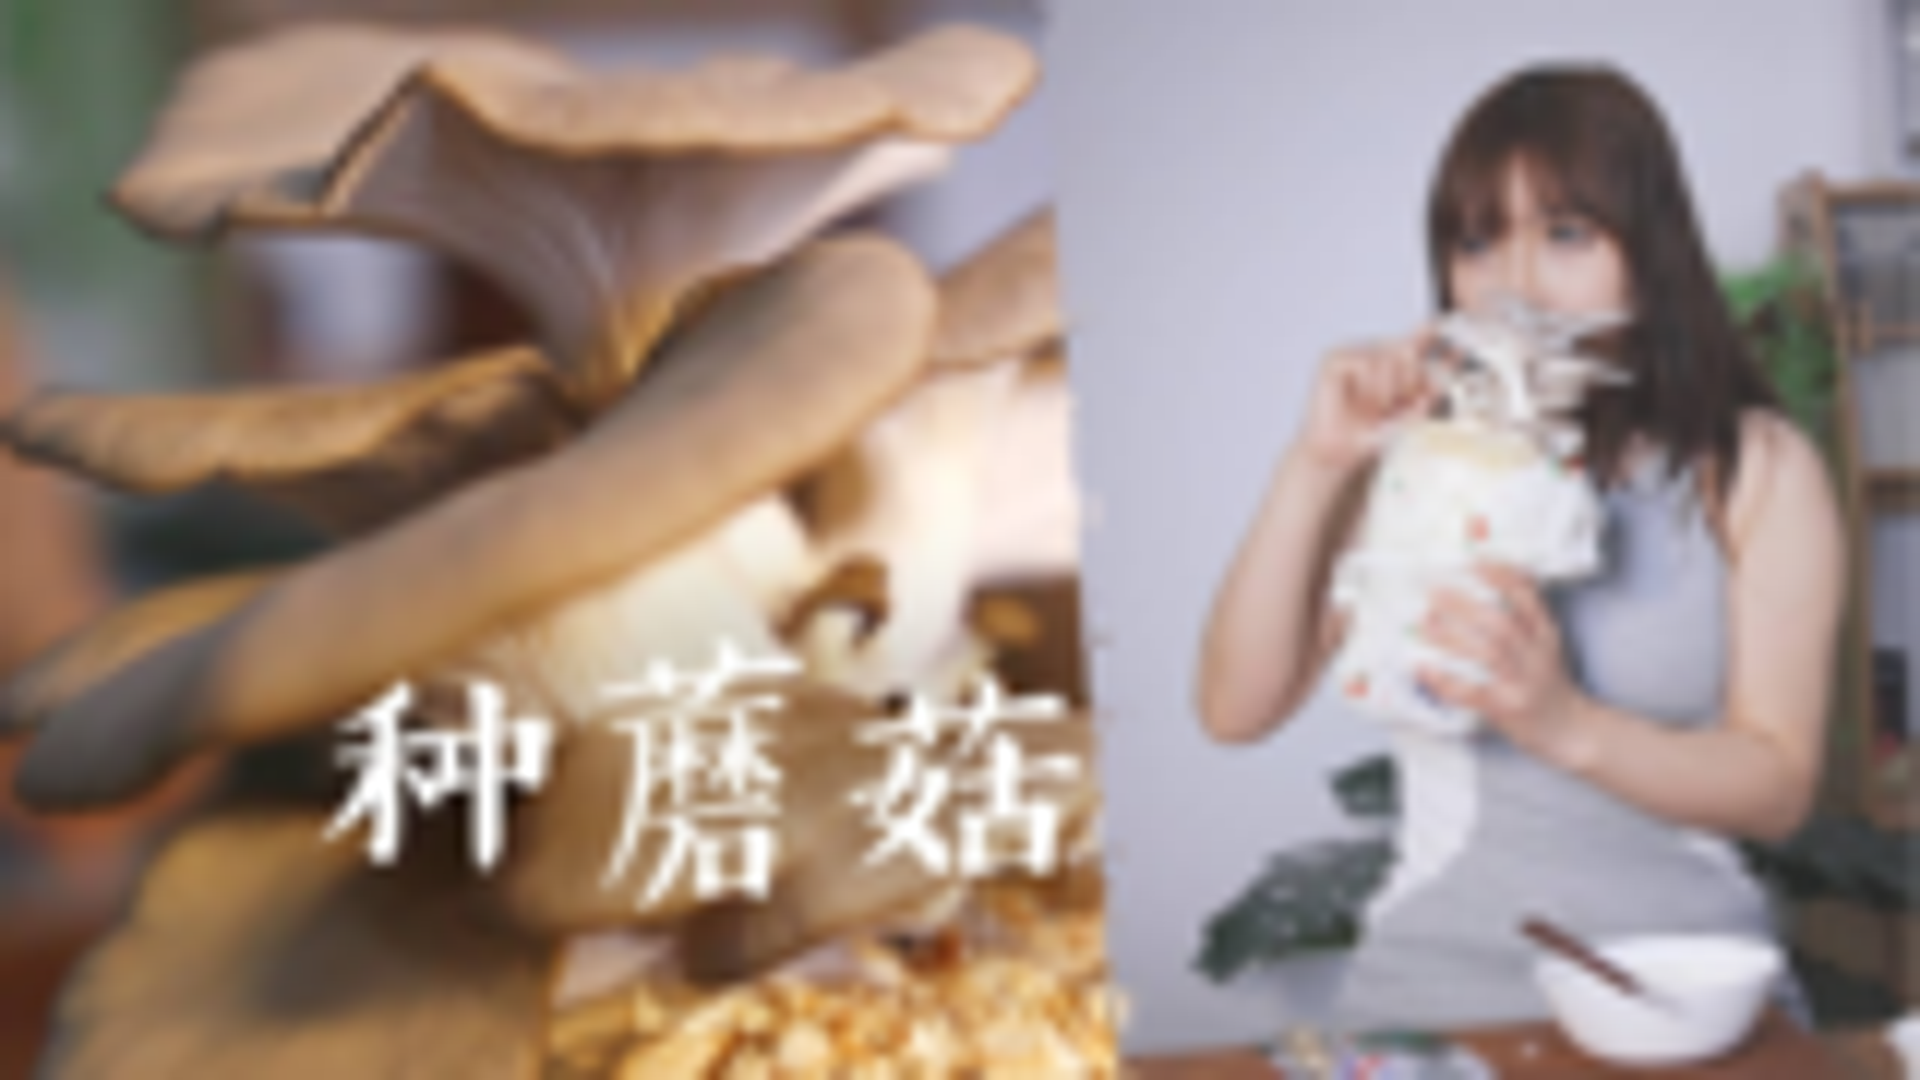 买了4个种植包打算吃个蘑菇火锅,结果只种出了平菇,只好炸一炸做天妇罗了